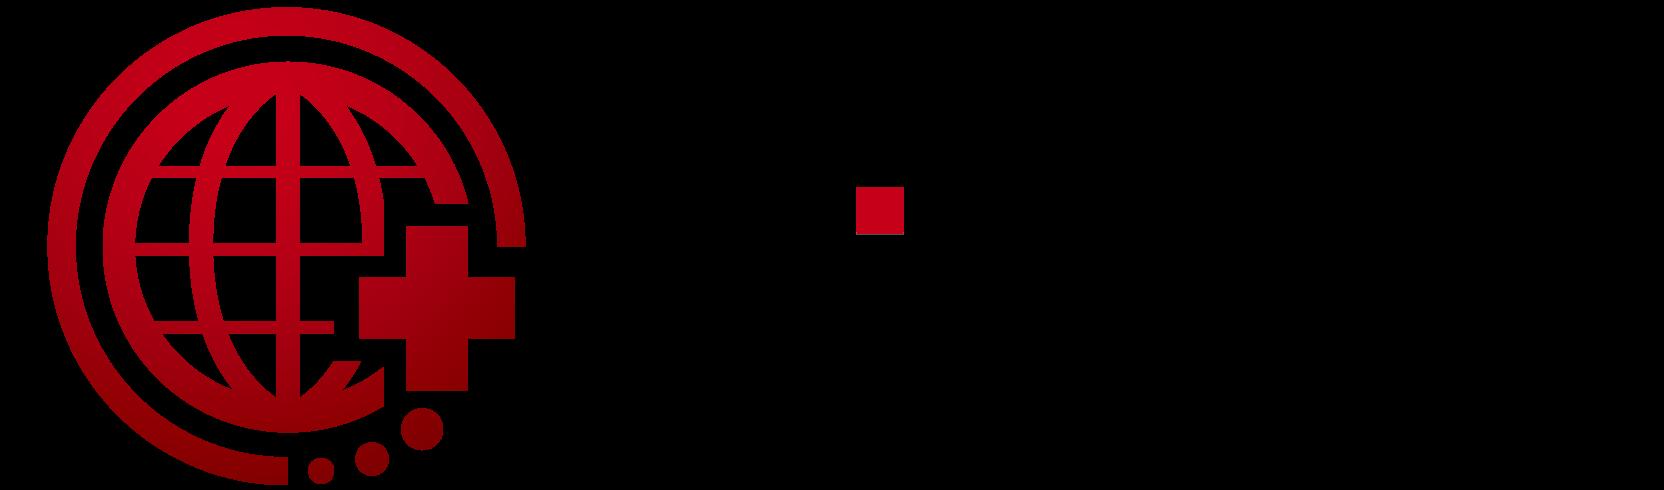 株式会社リグア